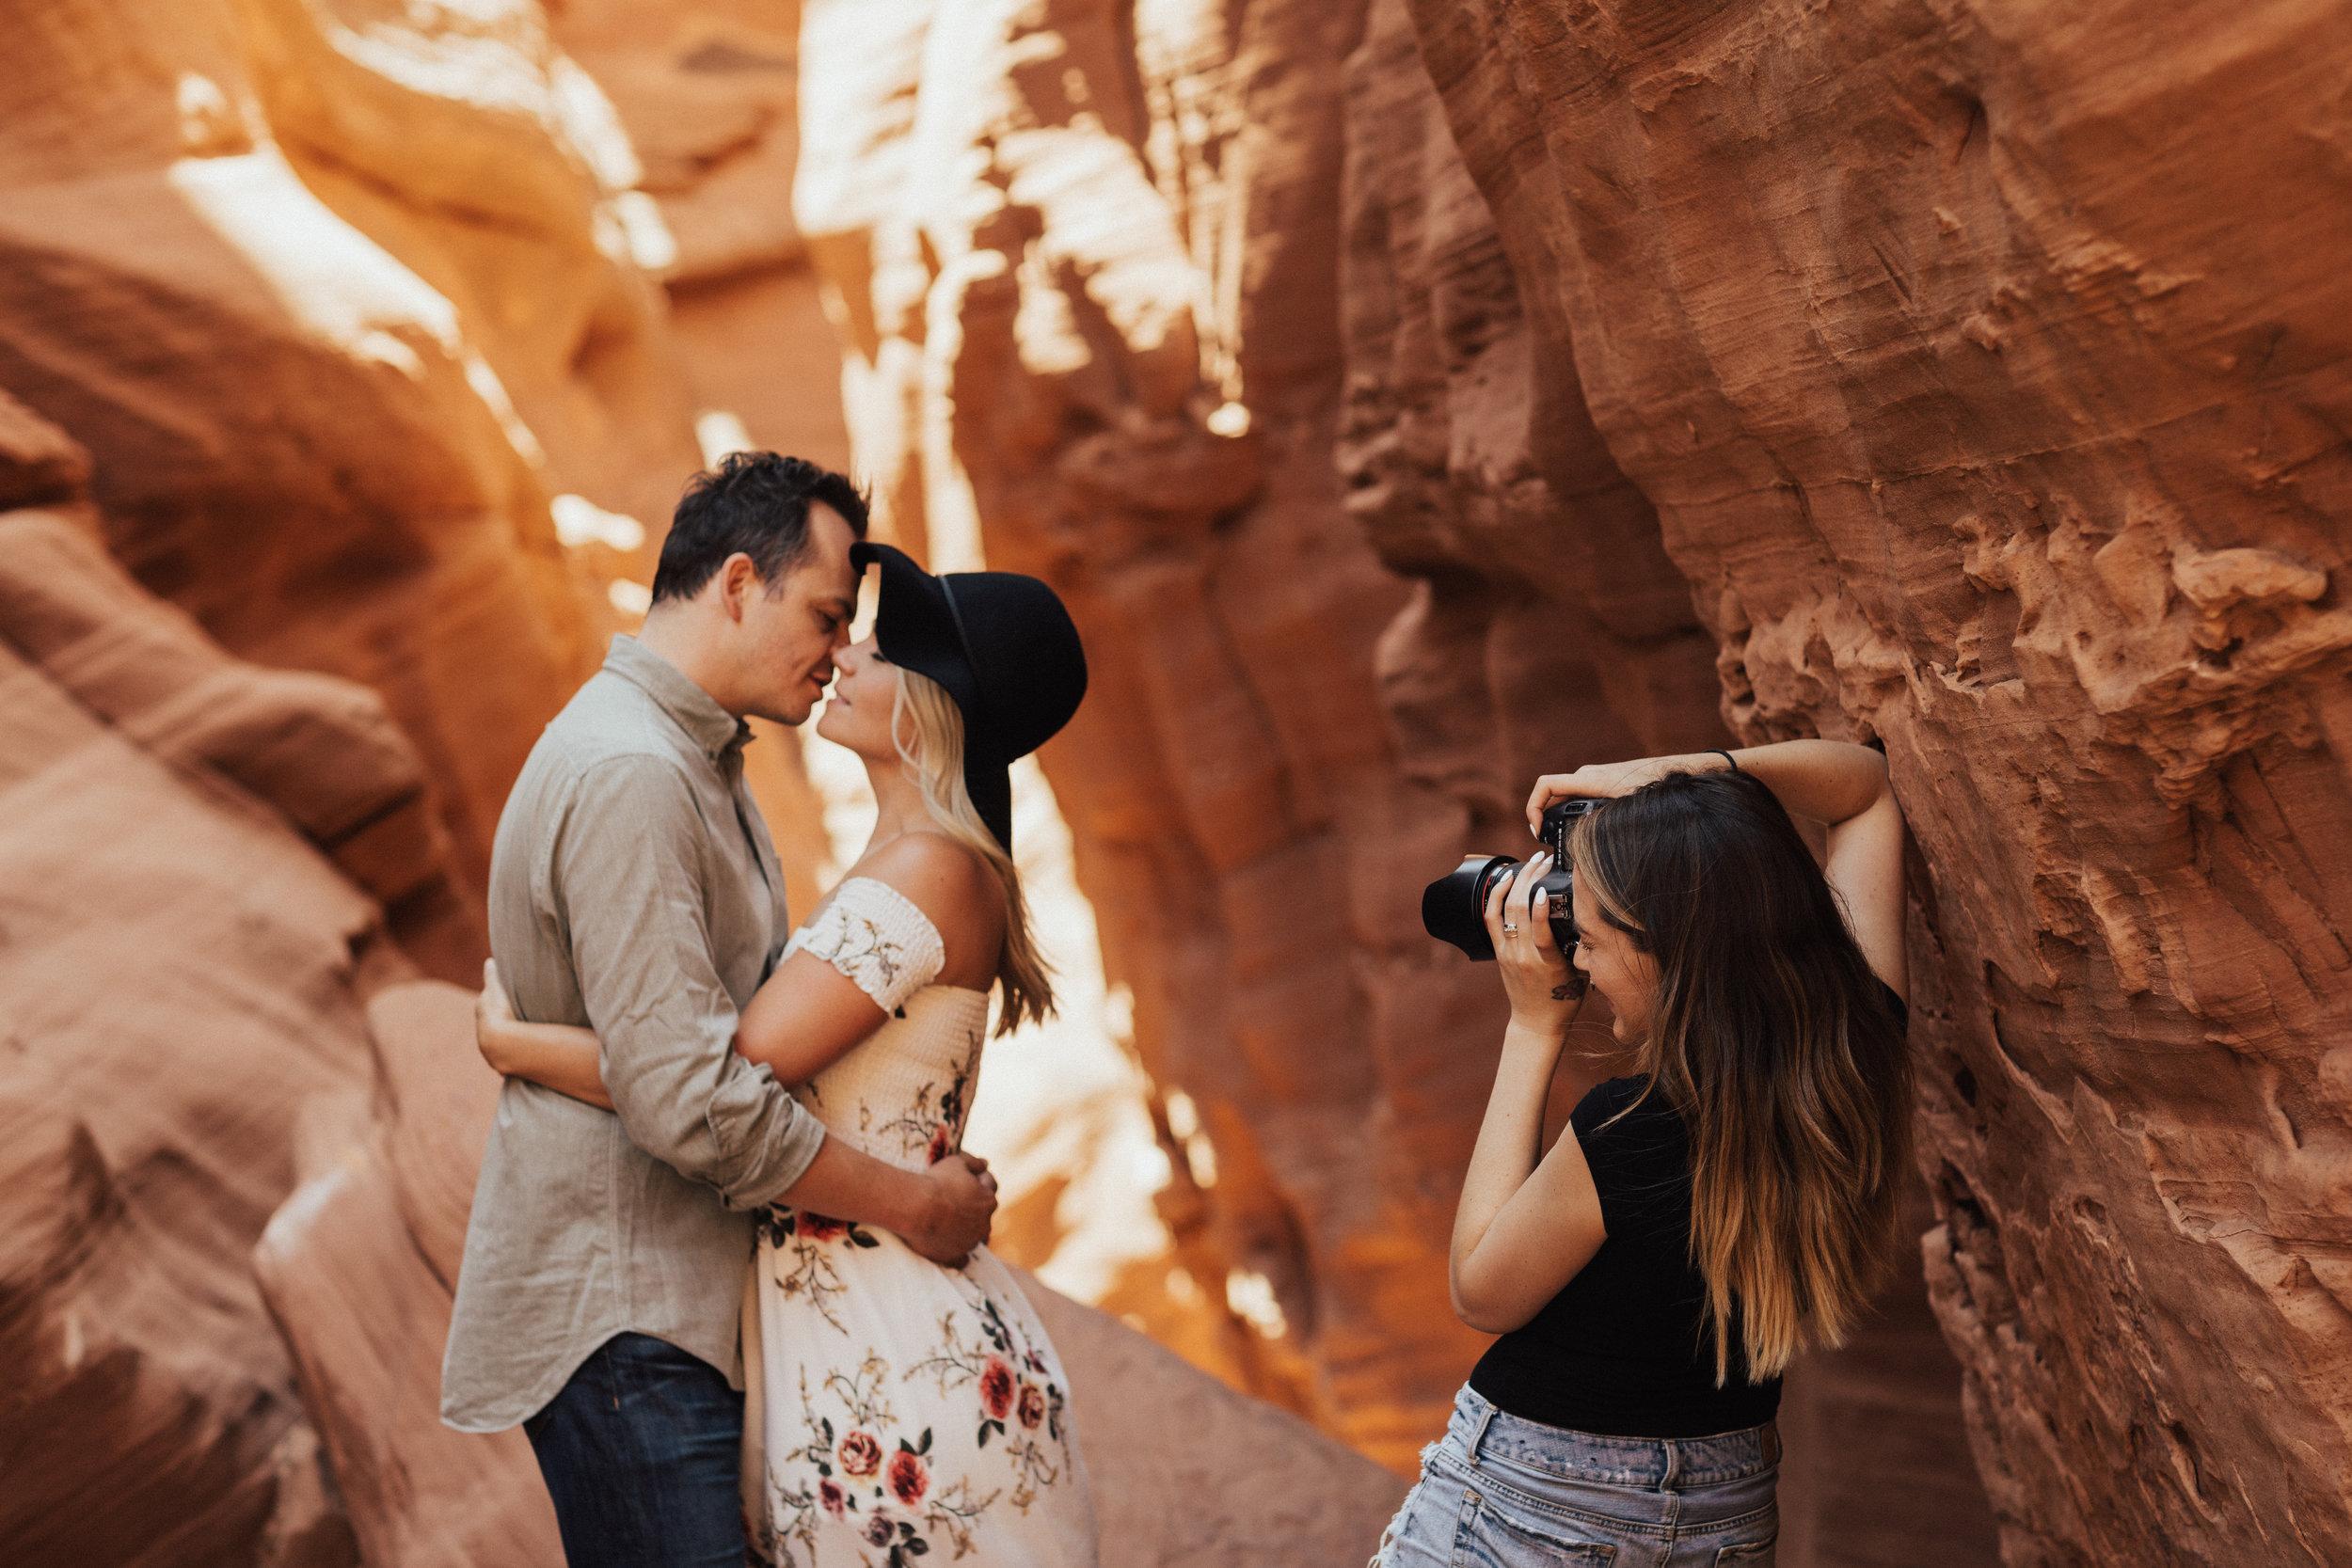 Edgy, Adventure Elopement & Destination Wedding Photography in Colorado, Utah, Joshua Tree, Napa